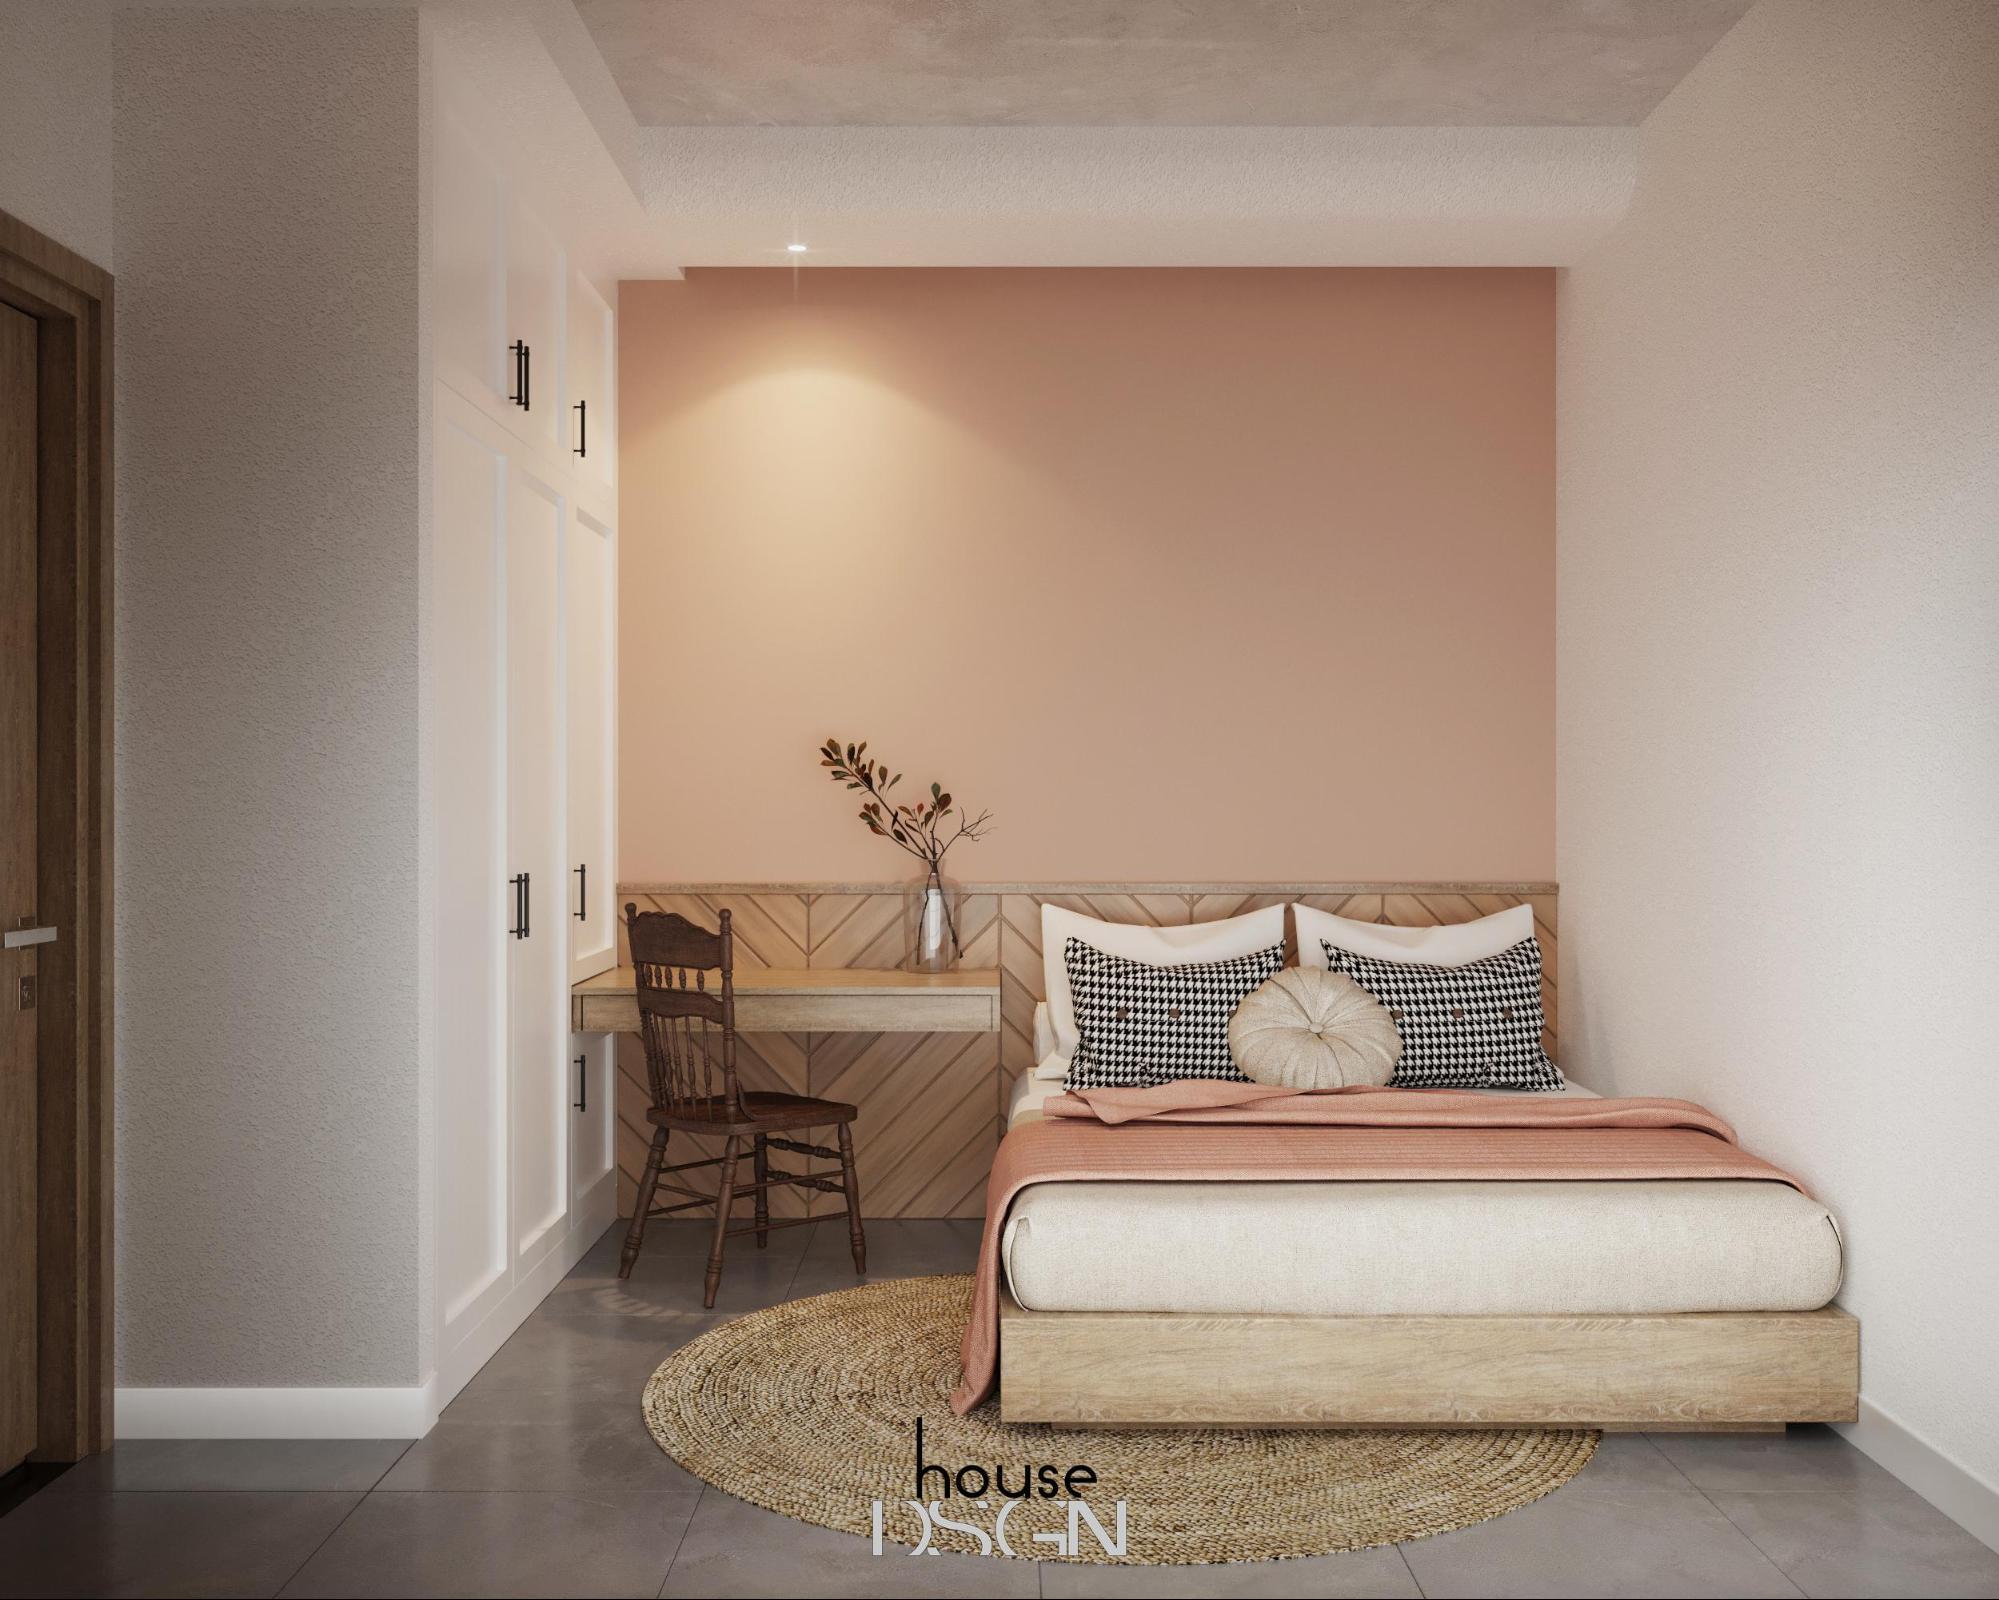 phòng ngủ hiện đại - Housedesign